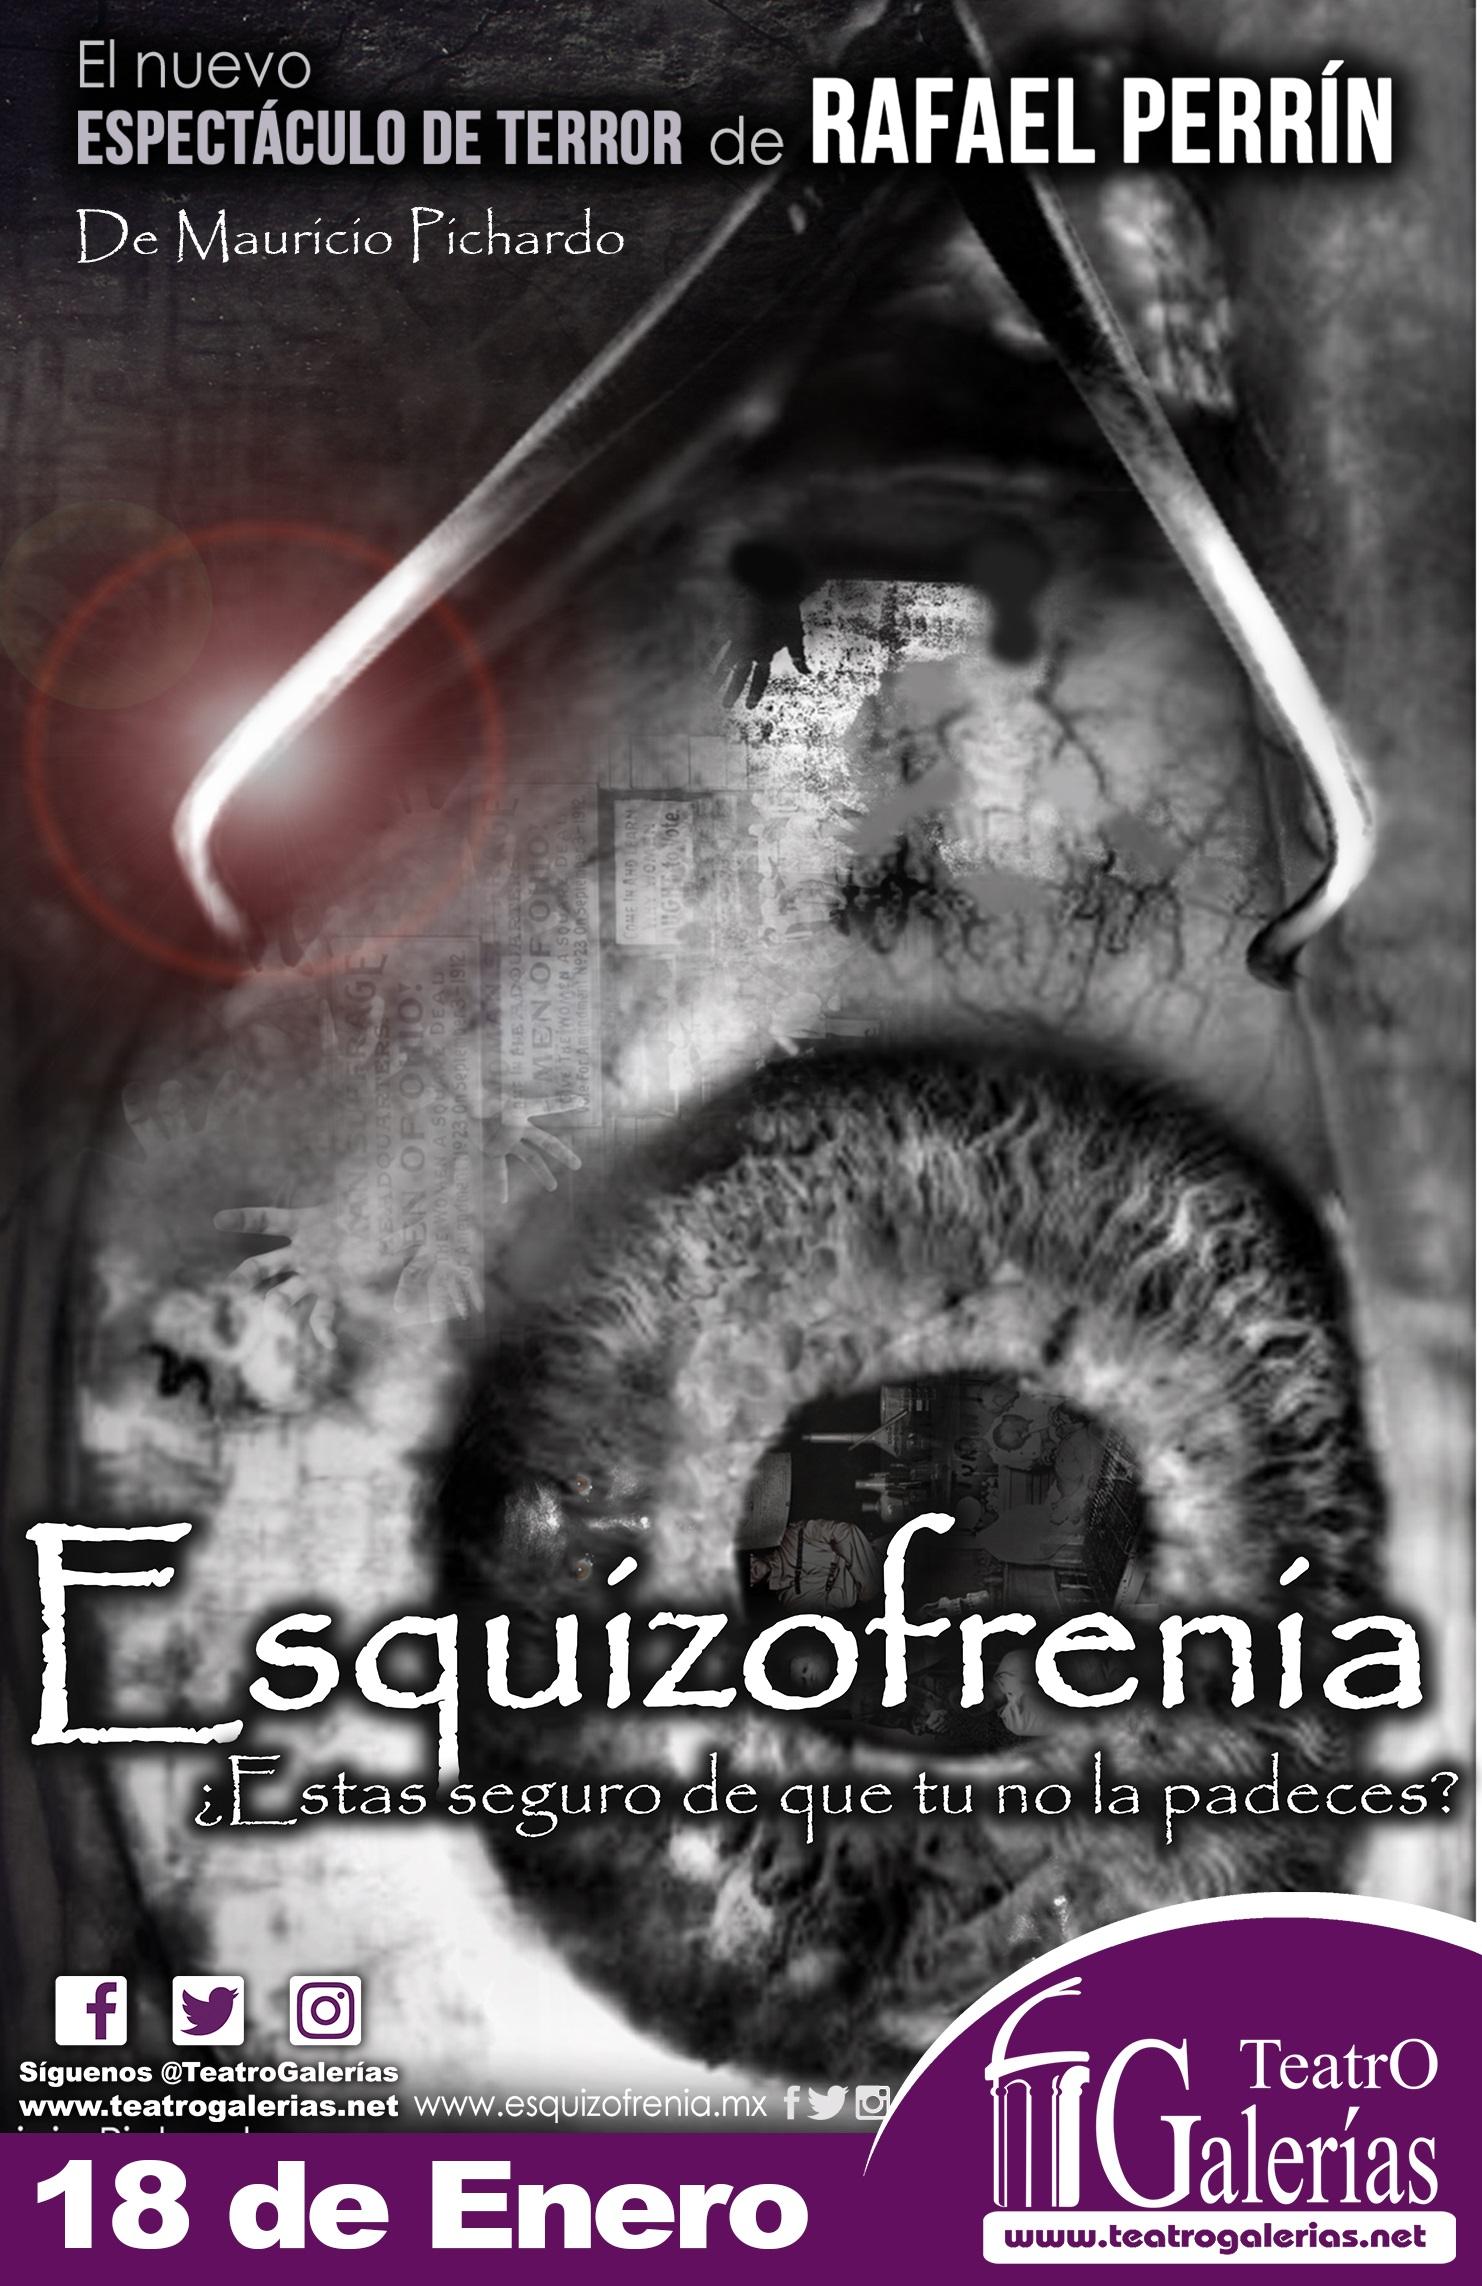 Esquizofrenia / Teatro Galerías